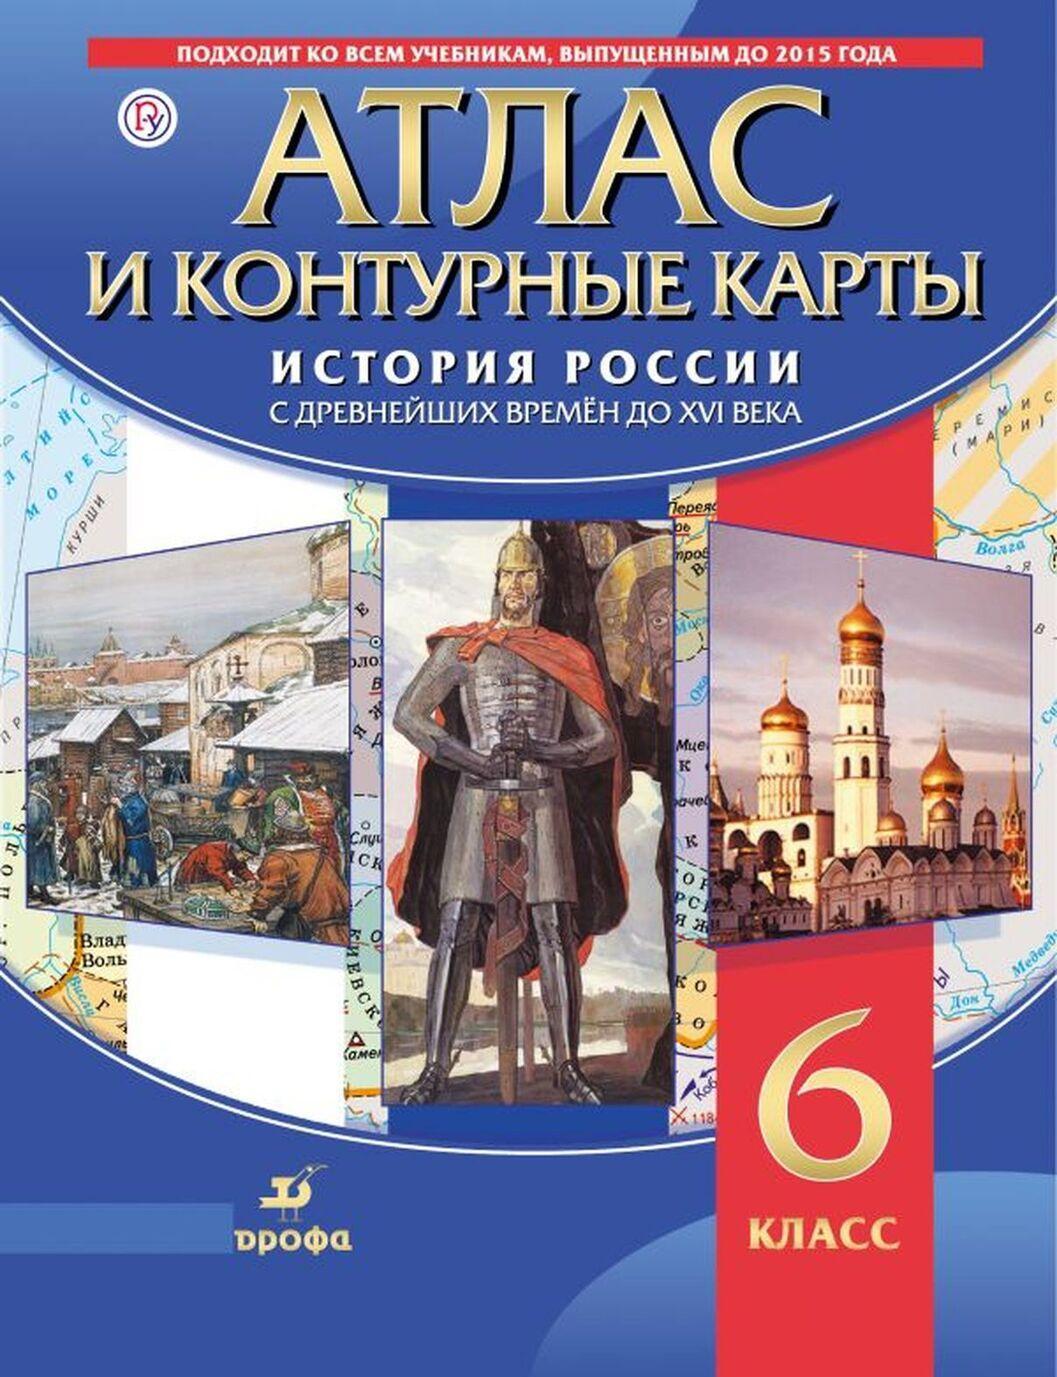 Istorija Rossii. S drevnejshikh vremjon do XVI v. Atlas i konturnye karty